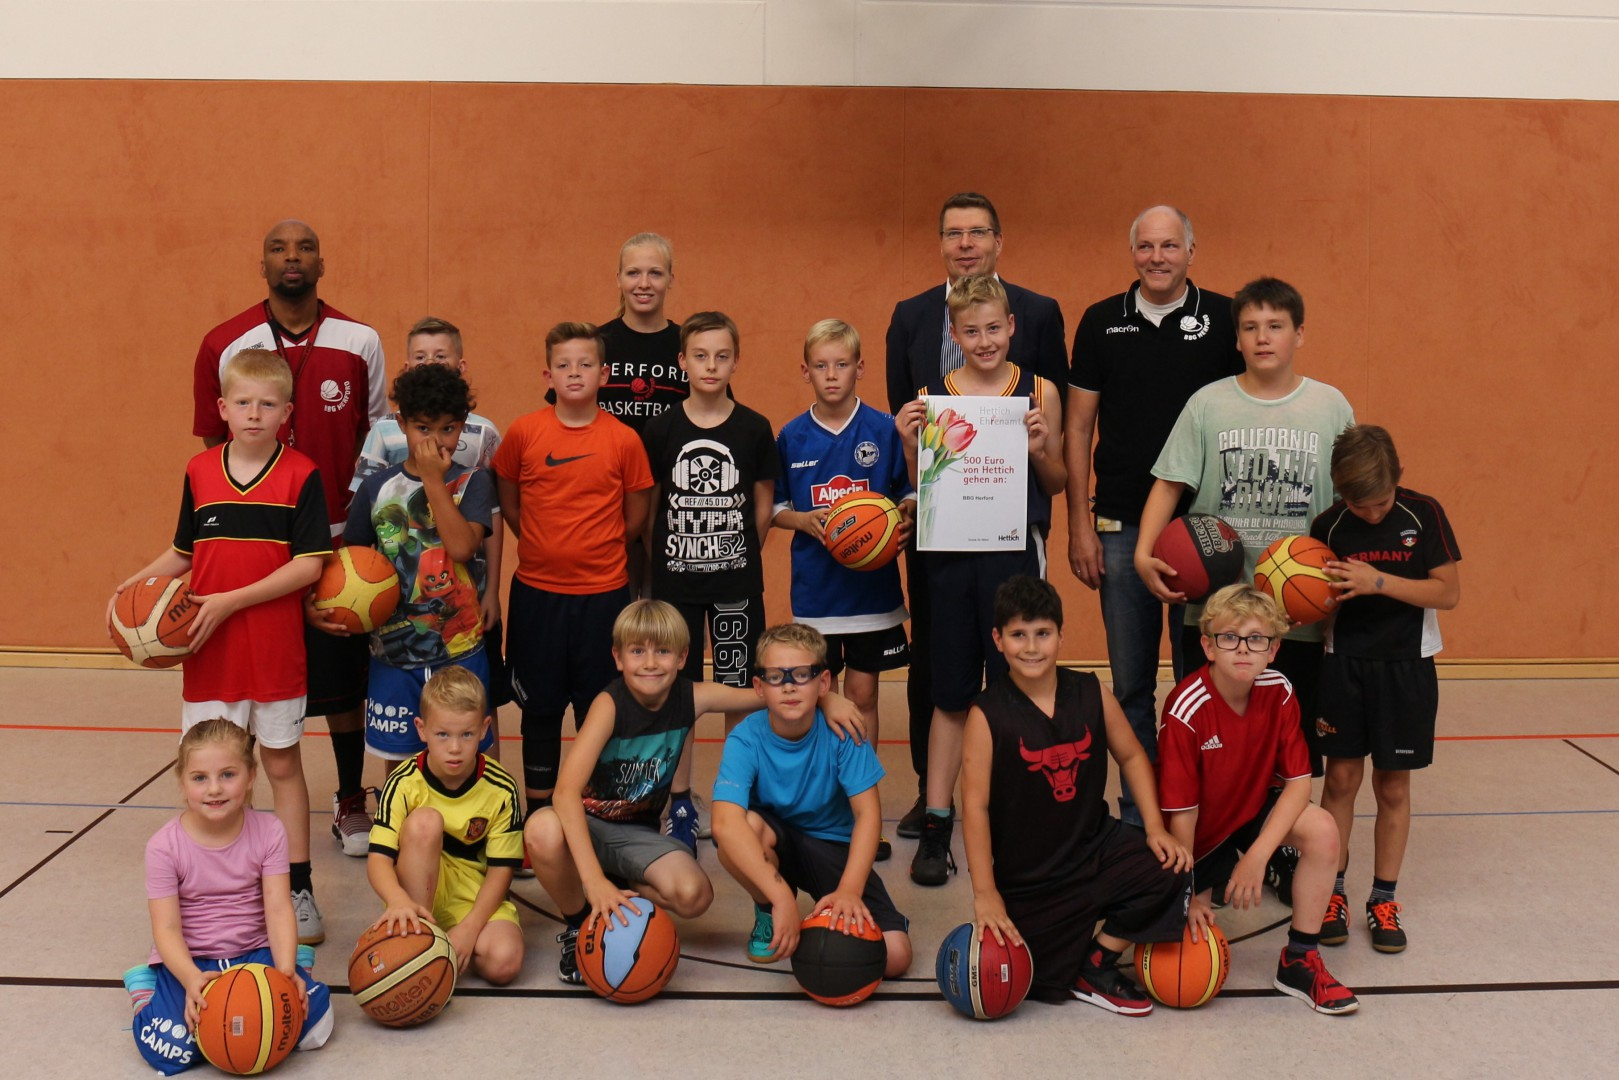 Harald Steffen (z tyłu z prawej strony) jest prezesem Klubu Koszykówki Herford. Fot.: Hettich